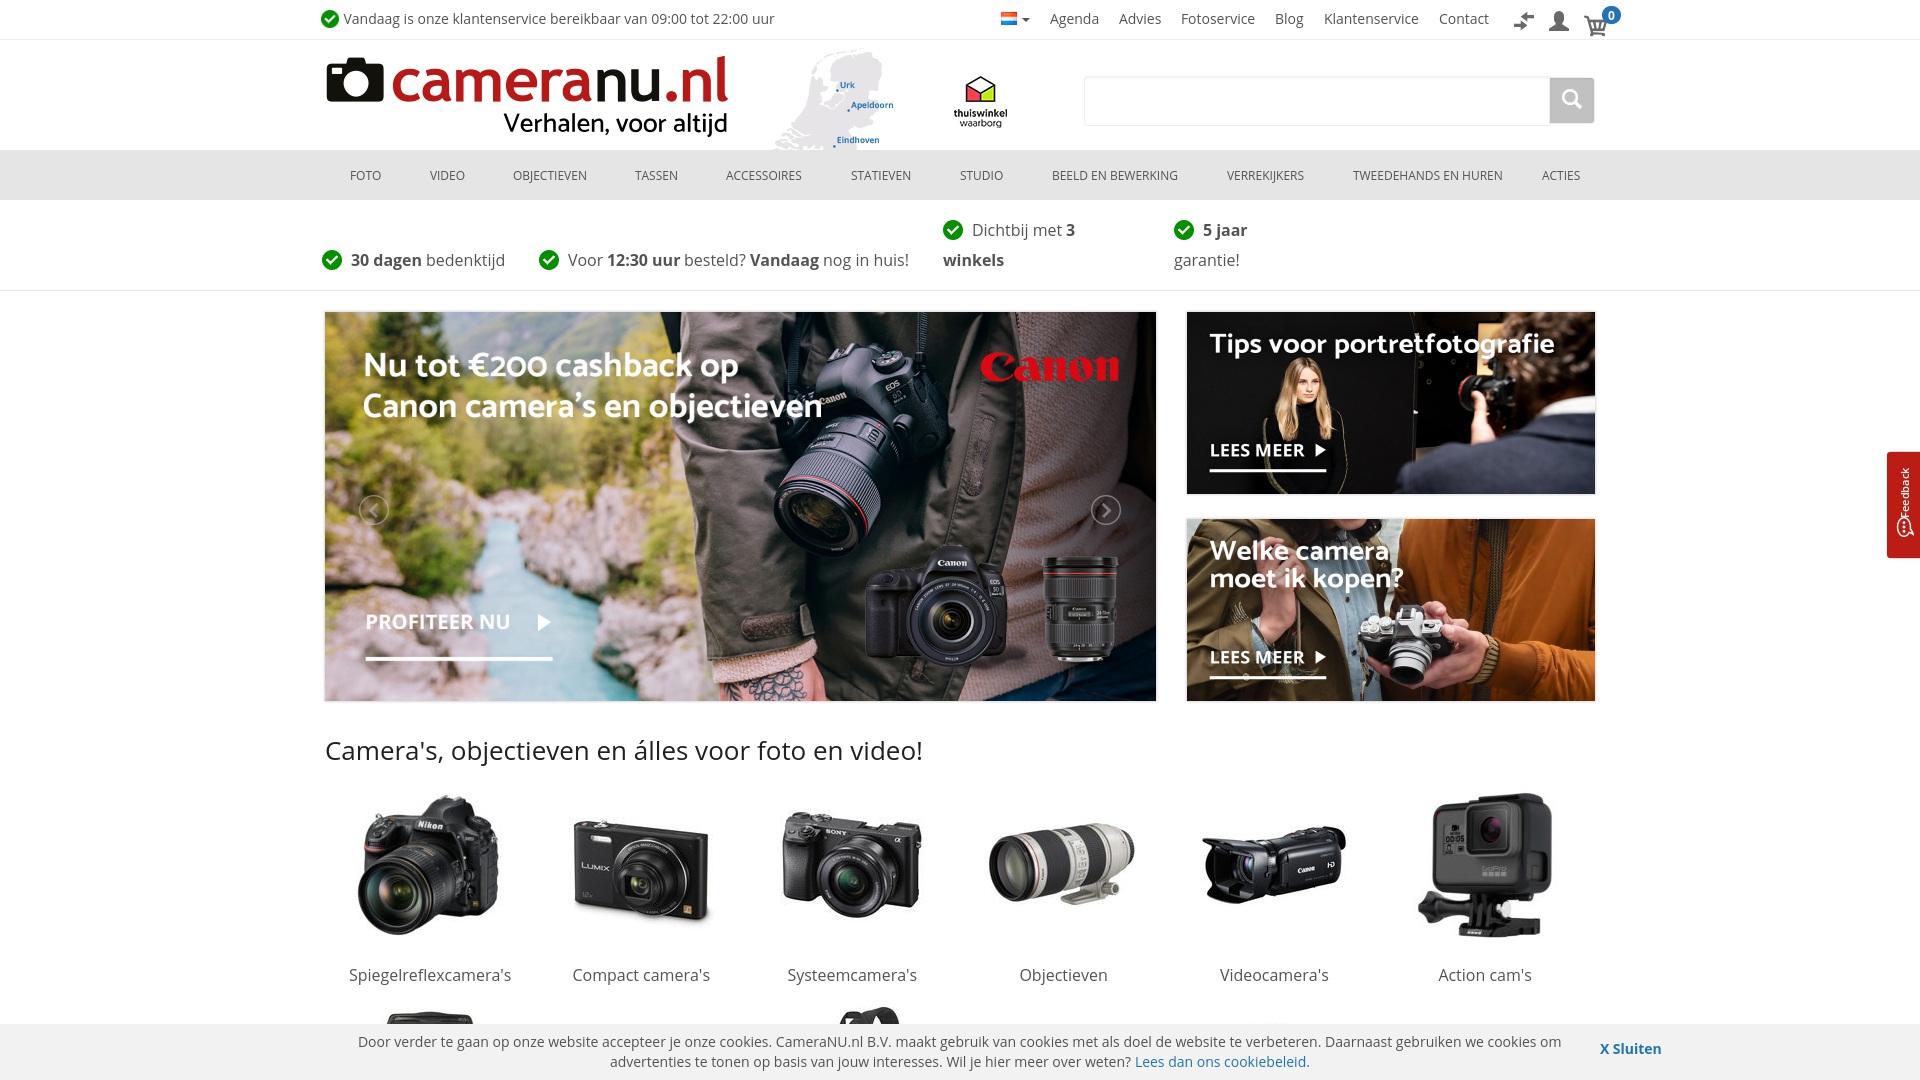 Gutschein für Cameranu: Rabatte für  Cameranu sichern